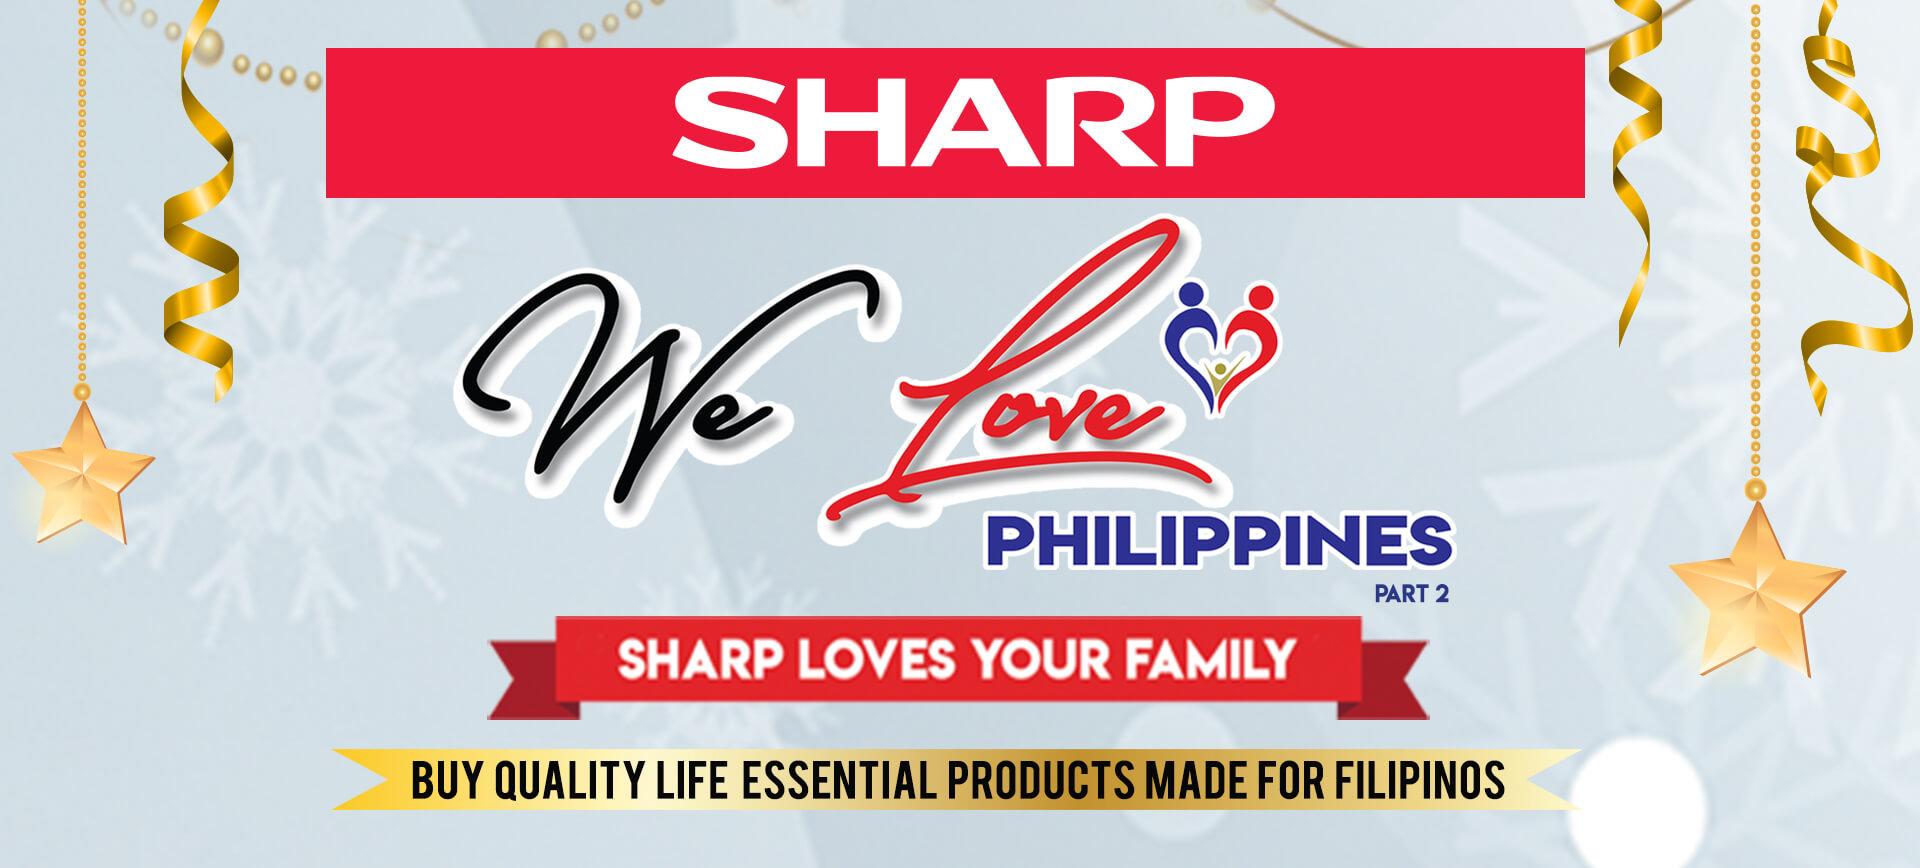 Home | SHARP Philippines